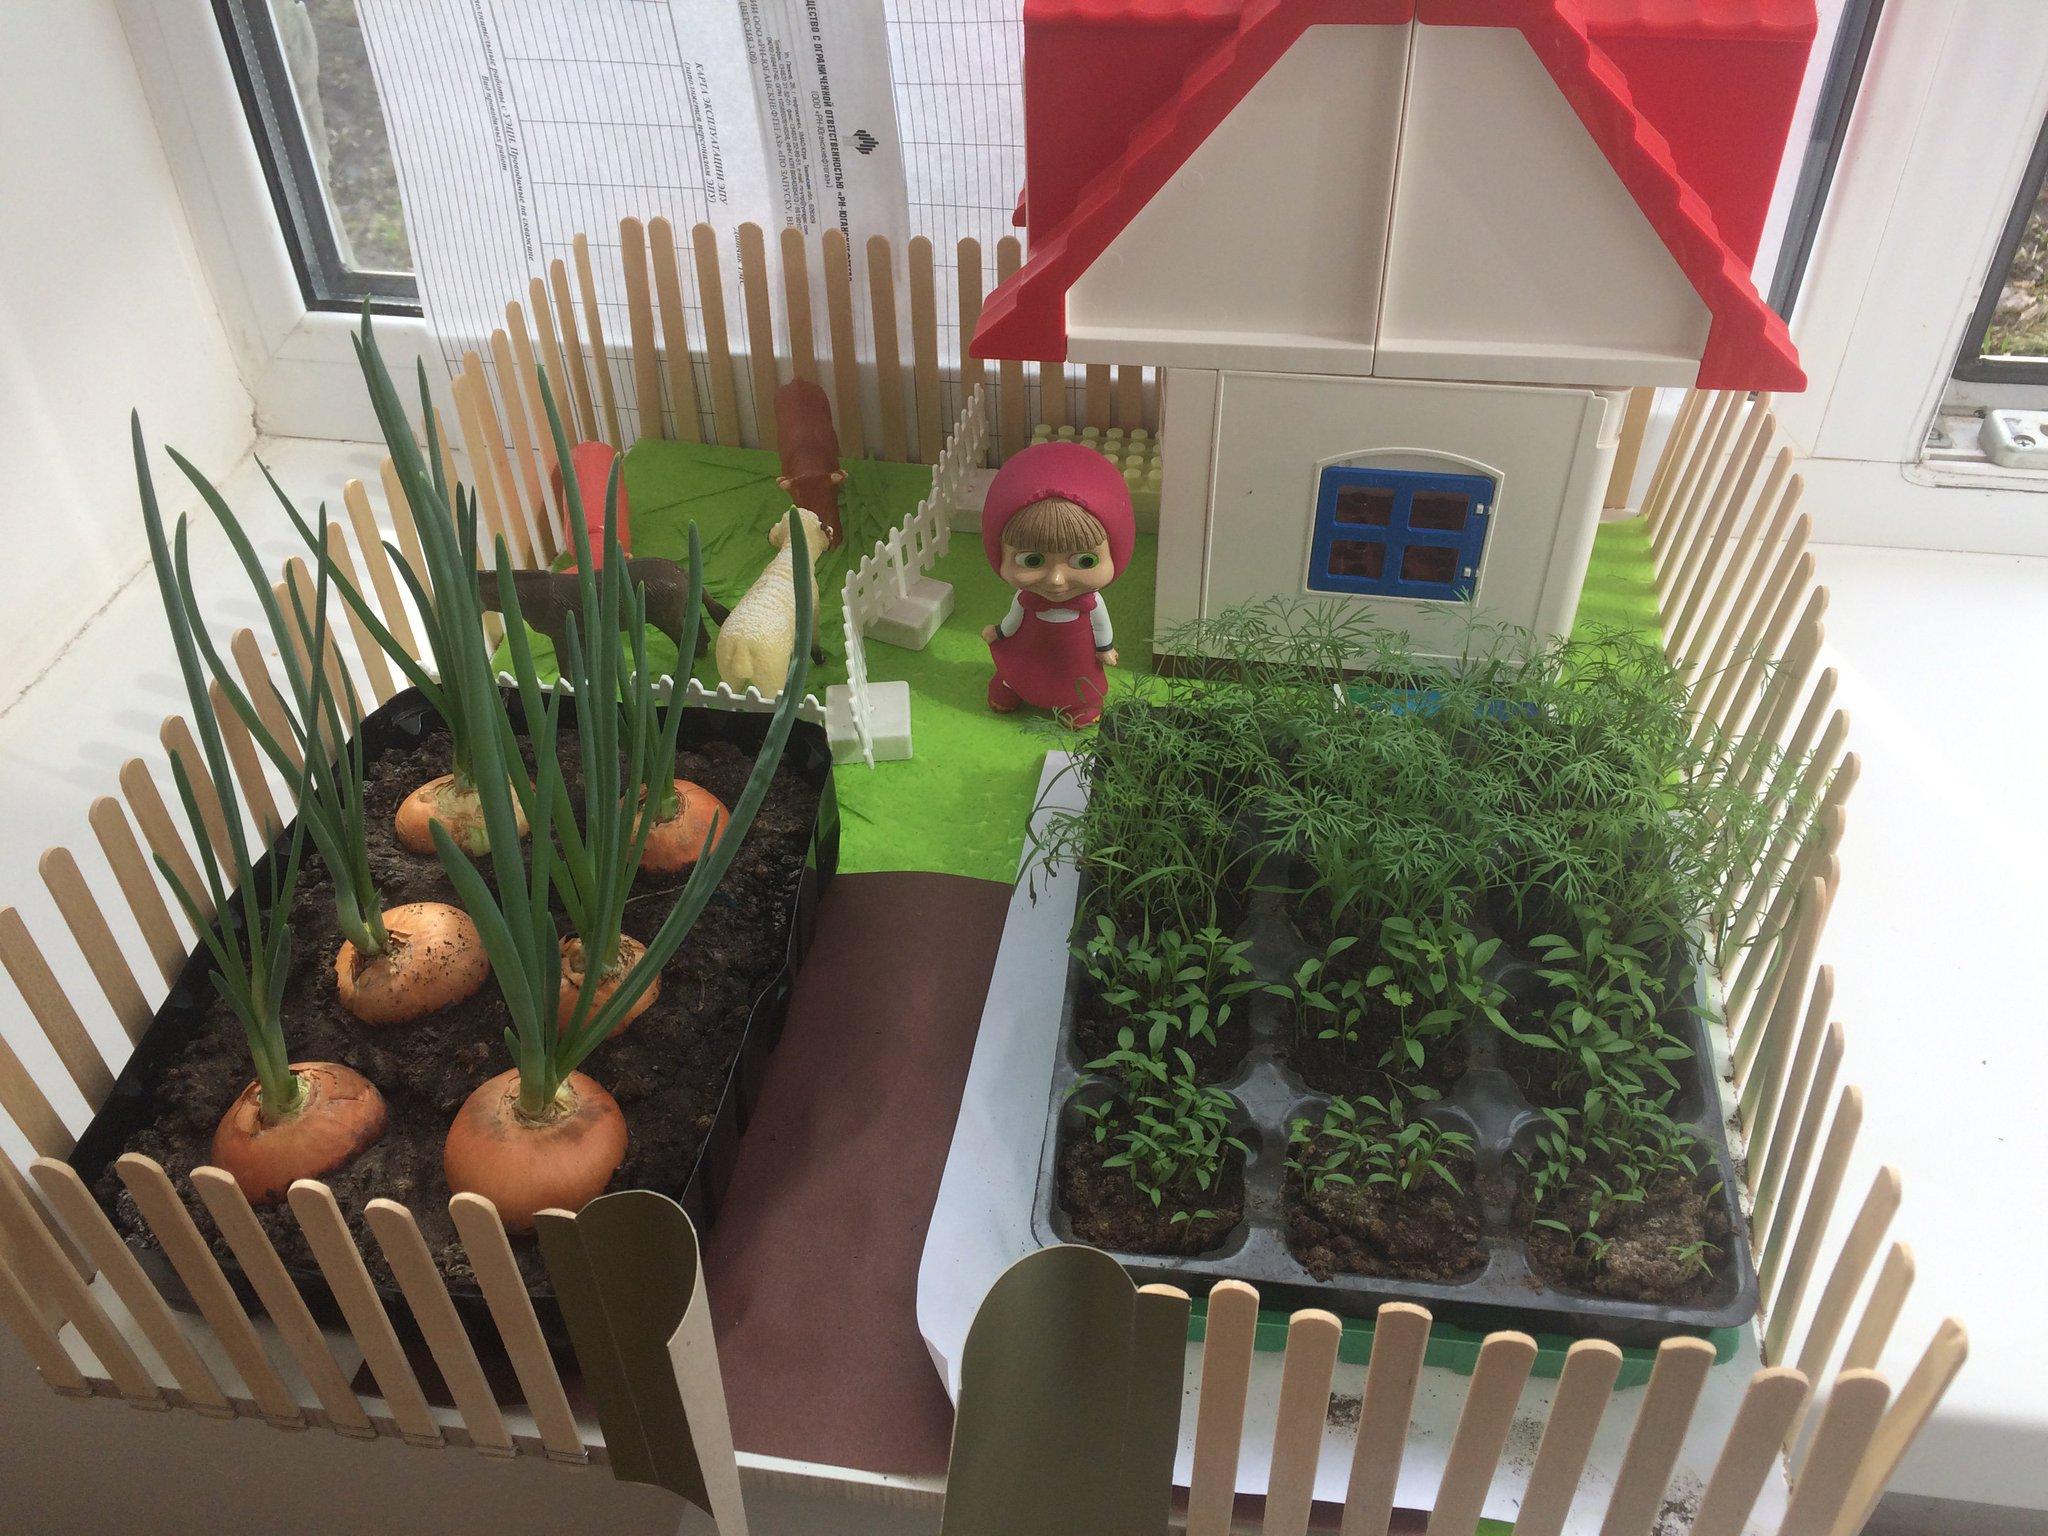 картинка к проекту огород на окне предоставляет полное